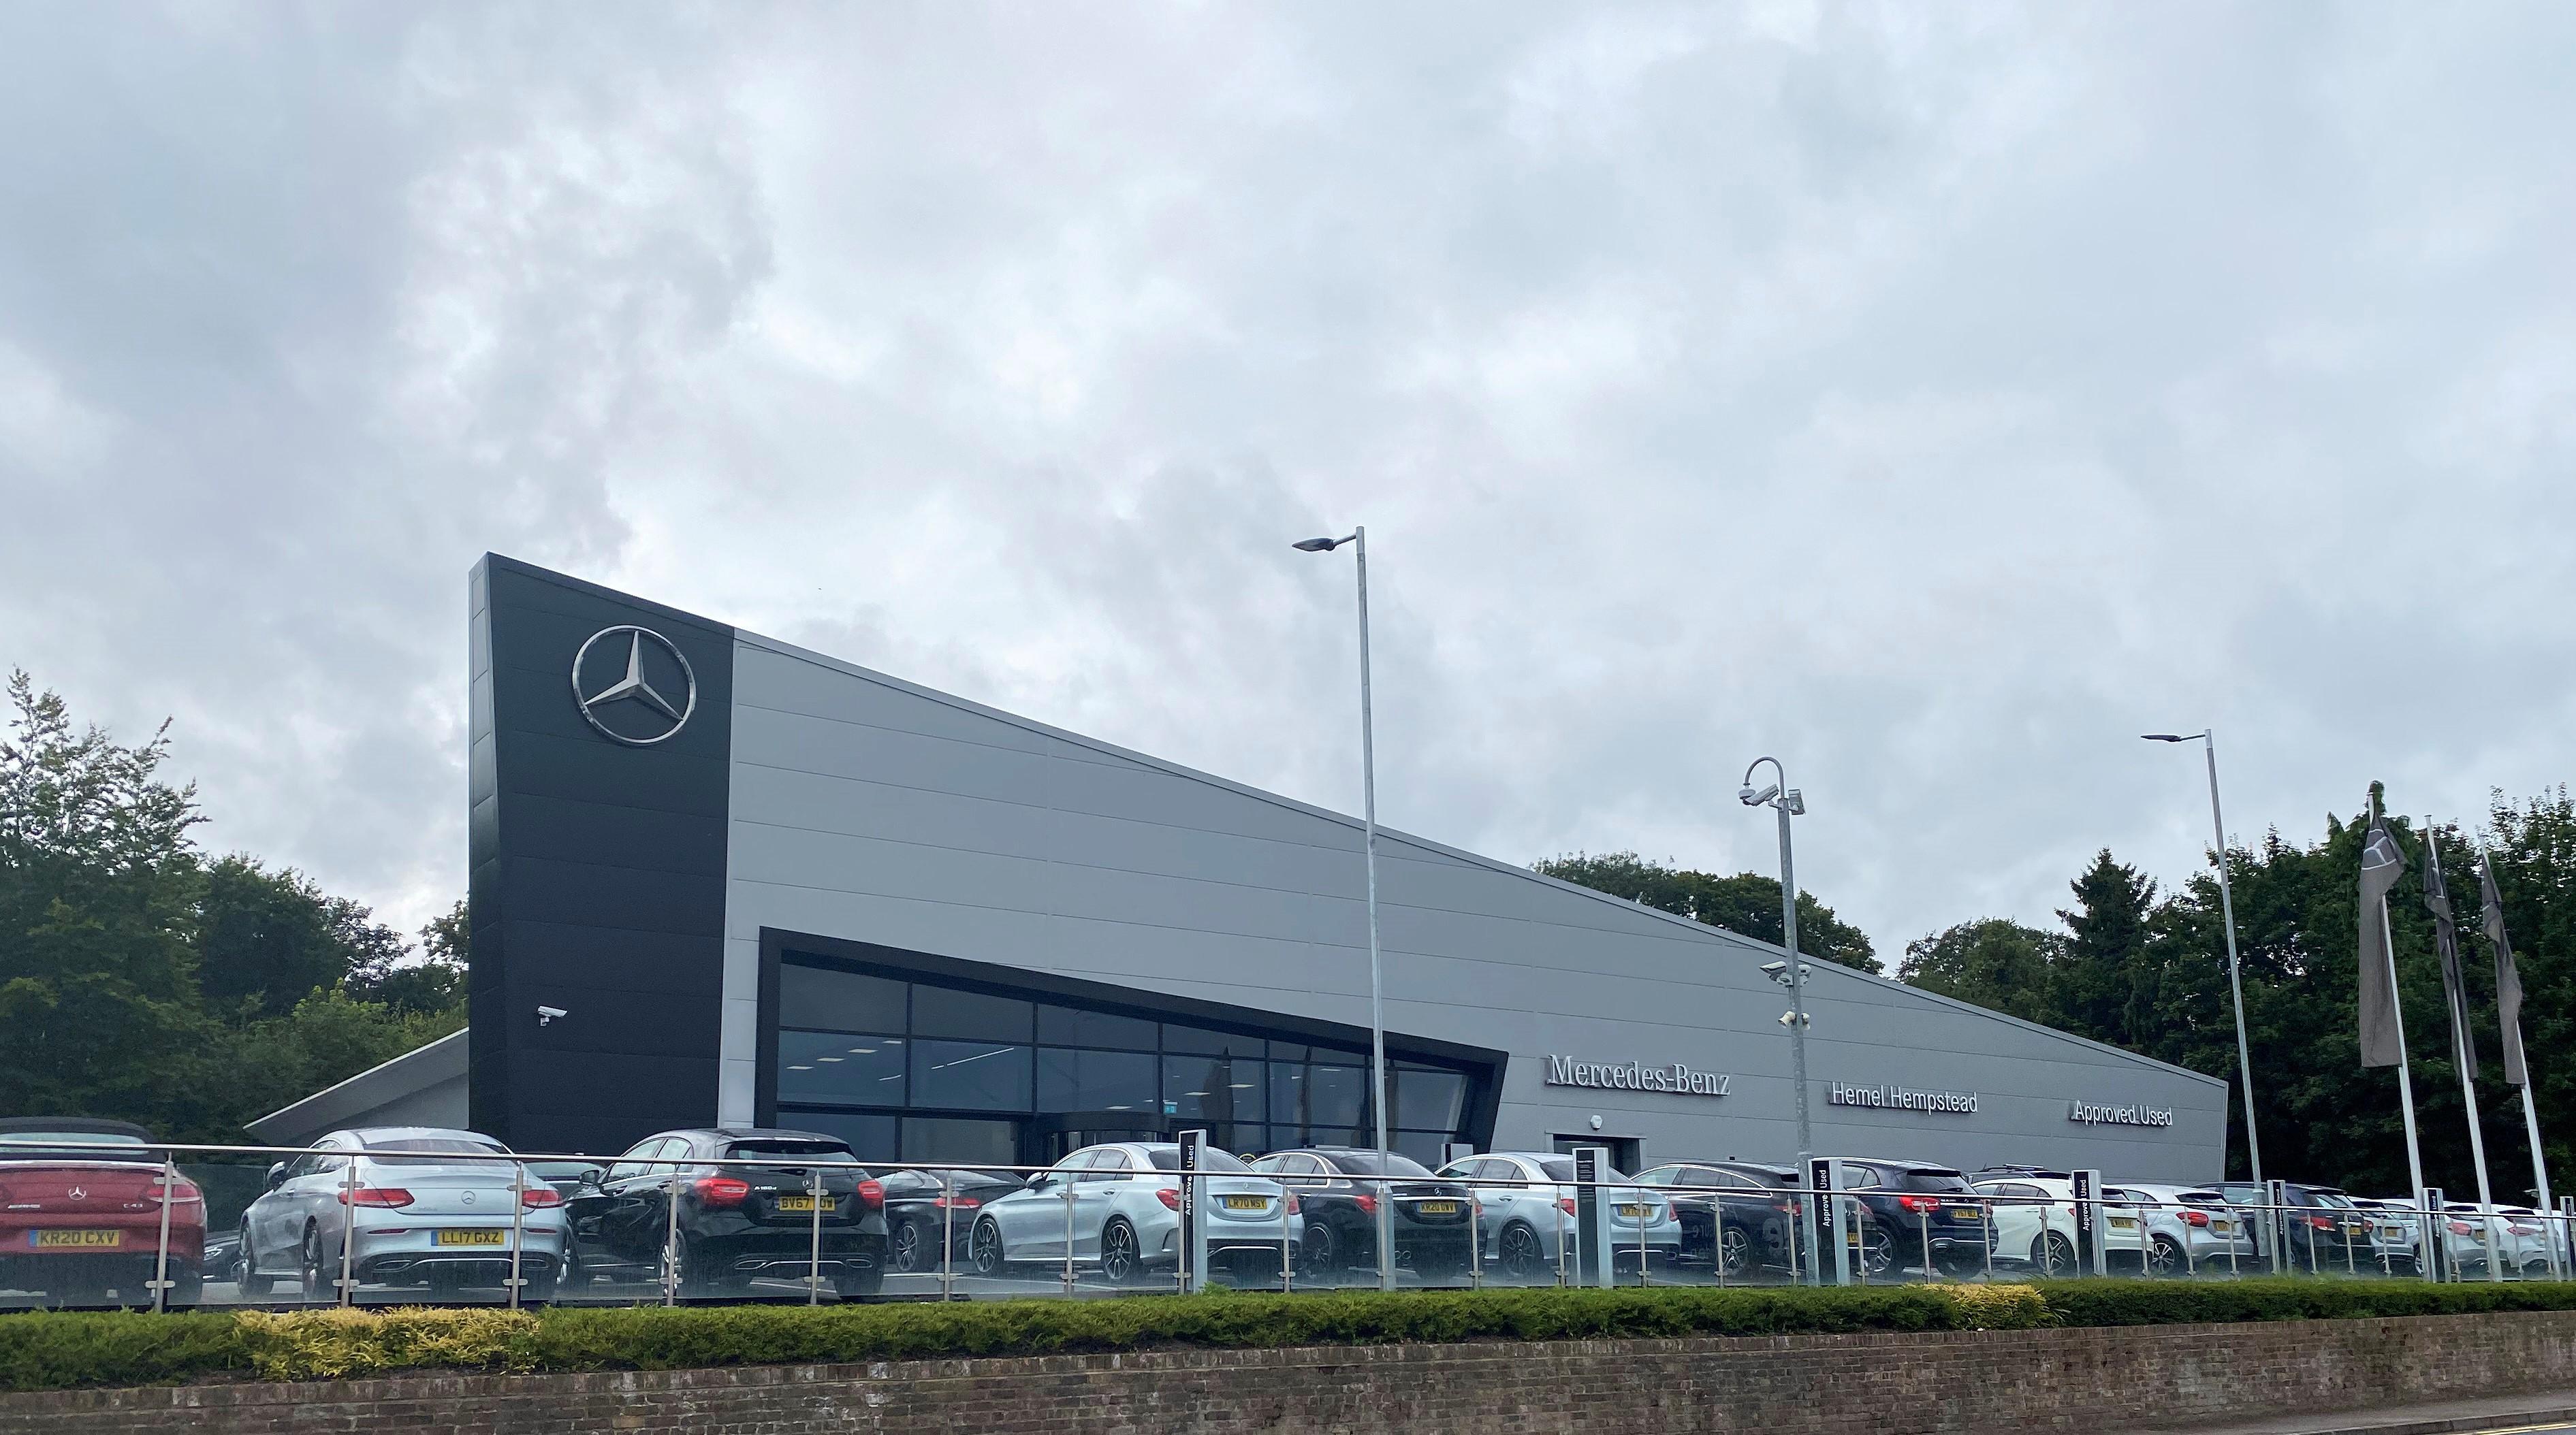 Mercedes-Benz of Hemel Hempstead